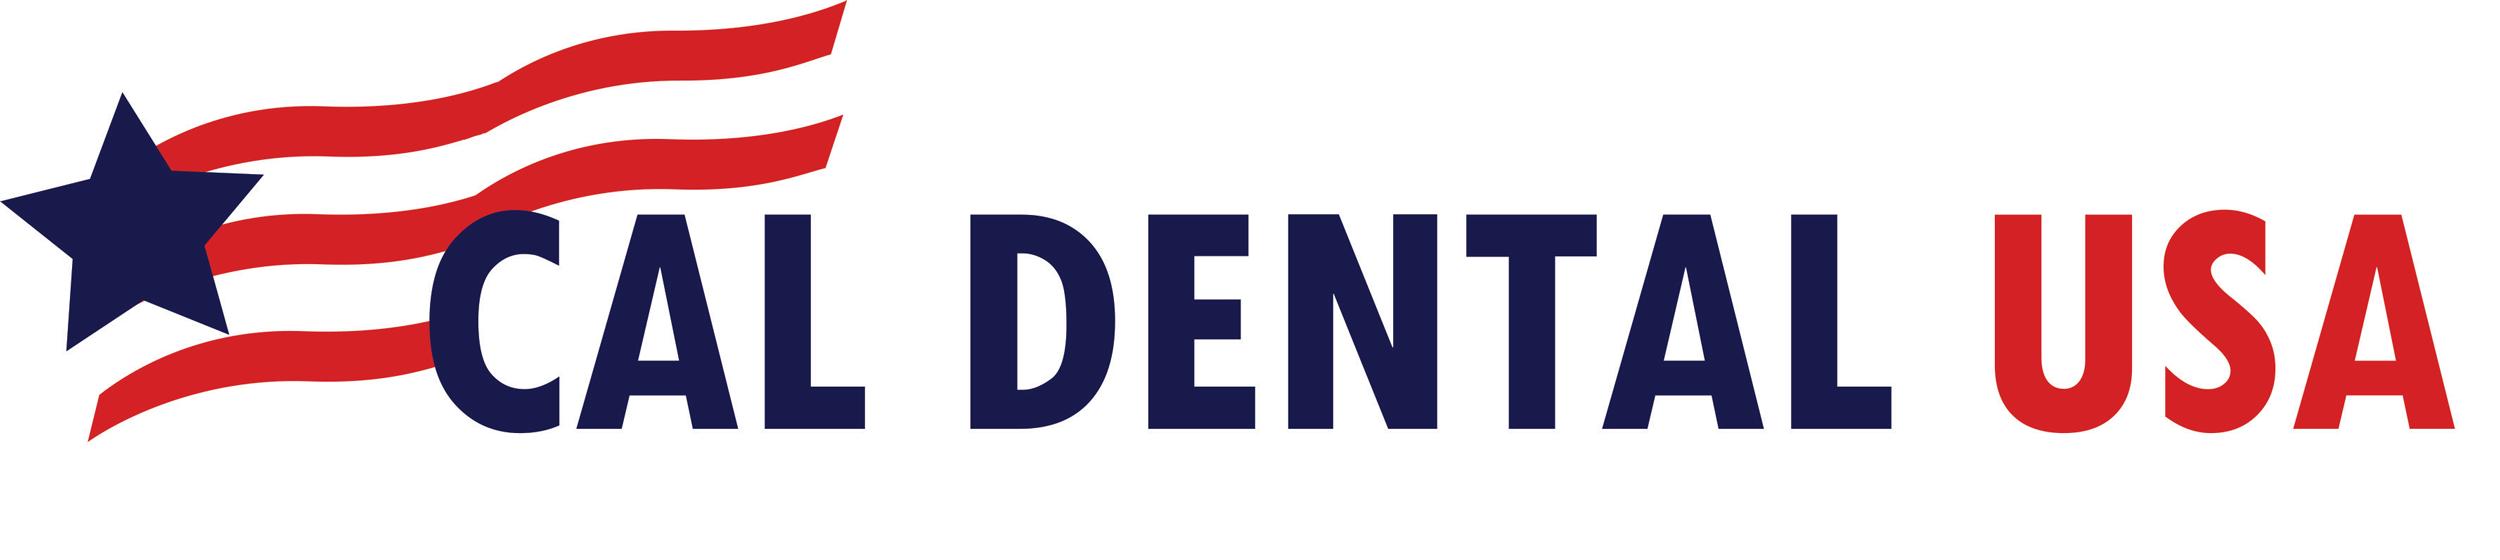 Cal Dental USA